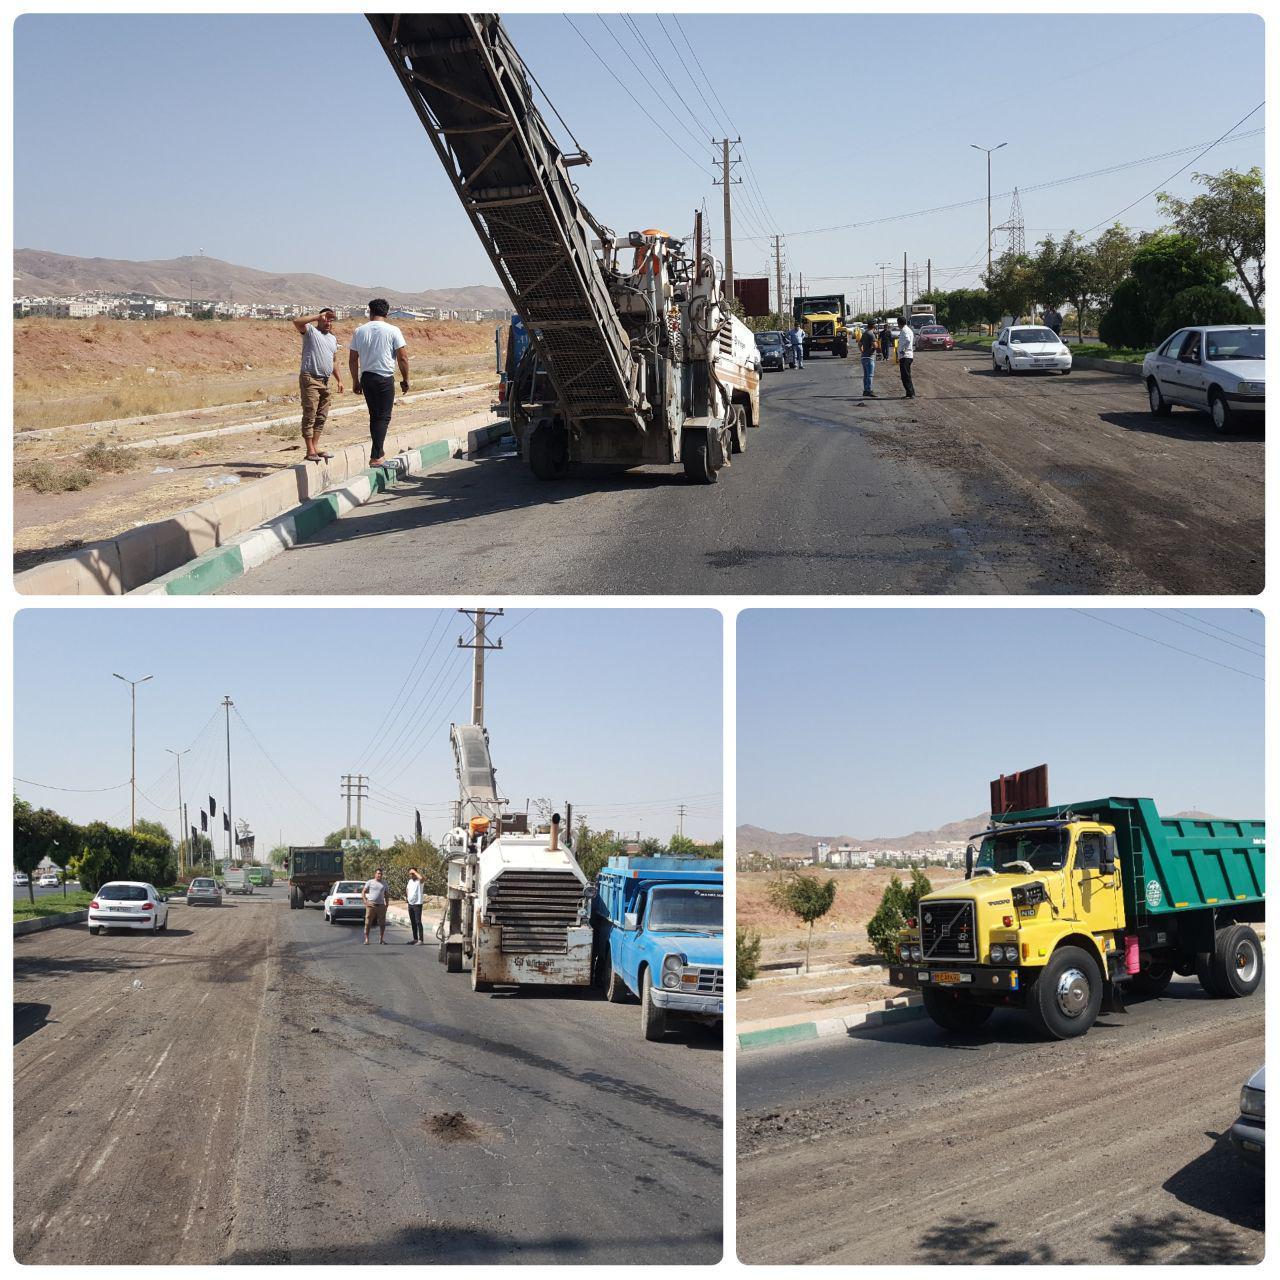 عملیات تراش و روکش آسفالت مکانیزه در بلوار شهید باهنر شهر پرند